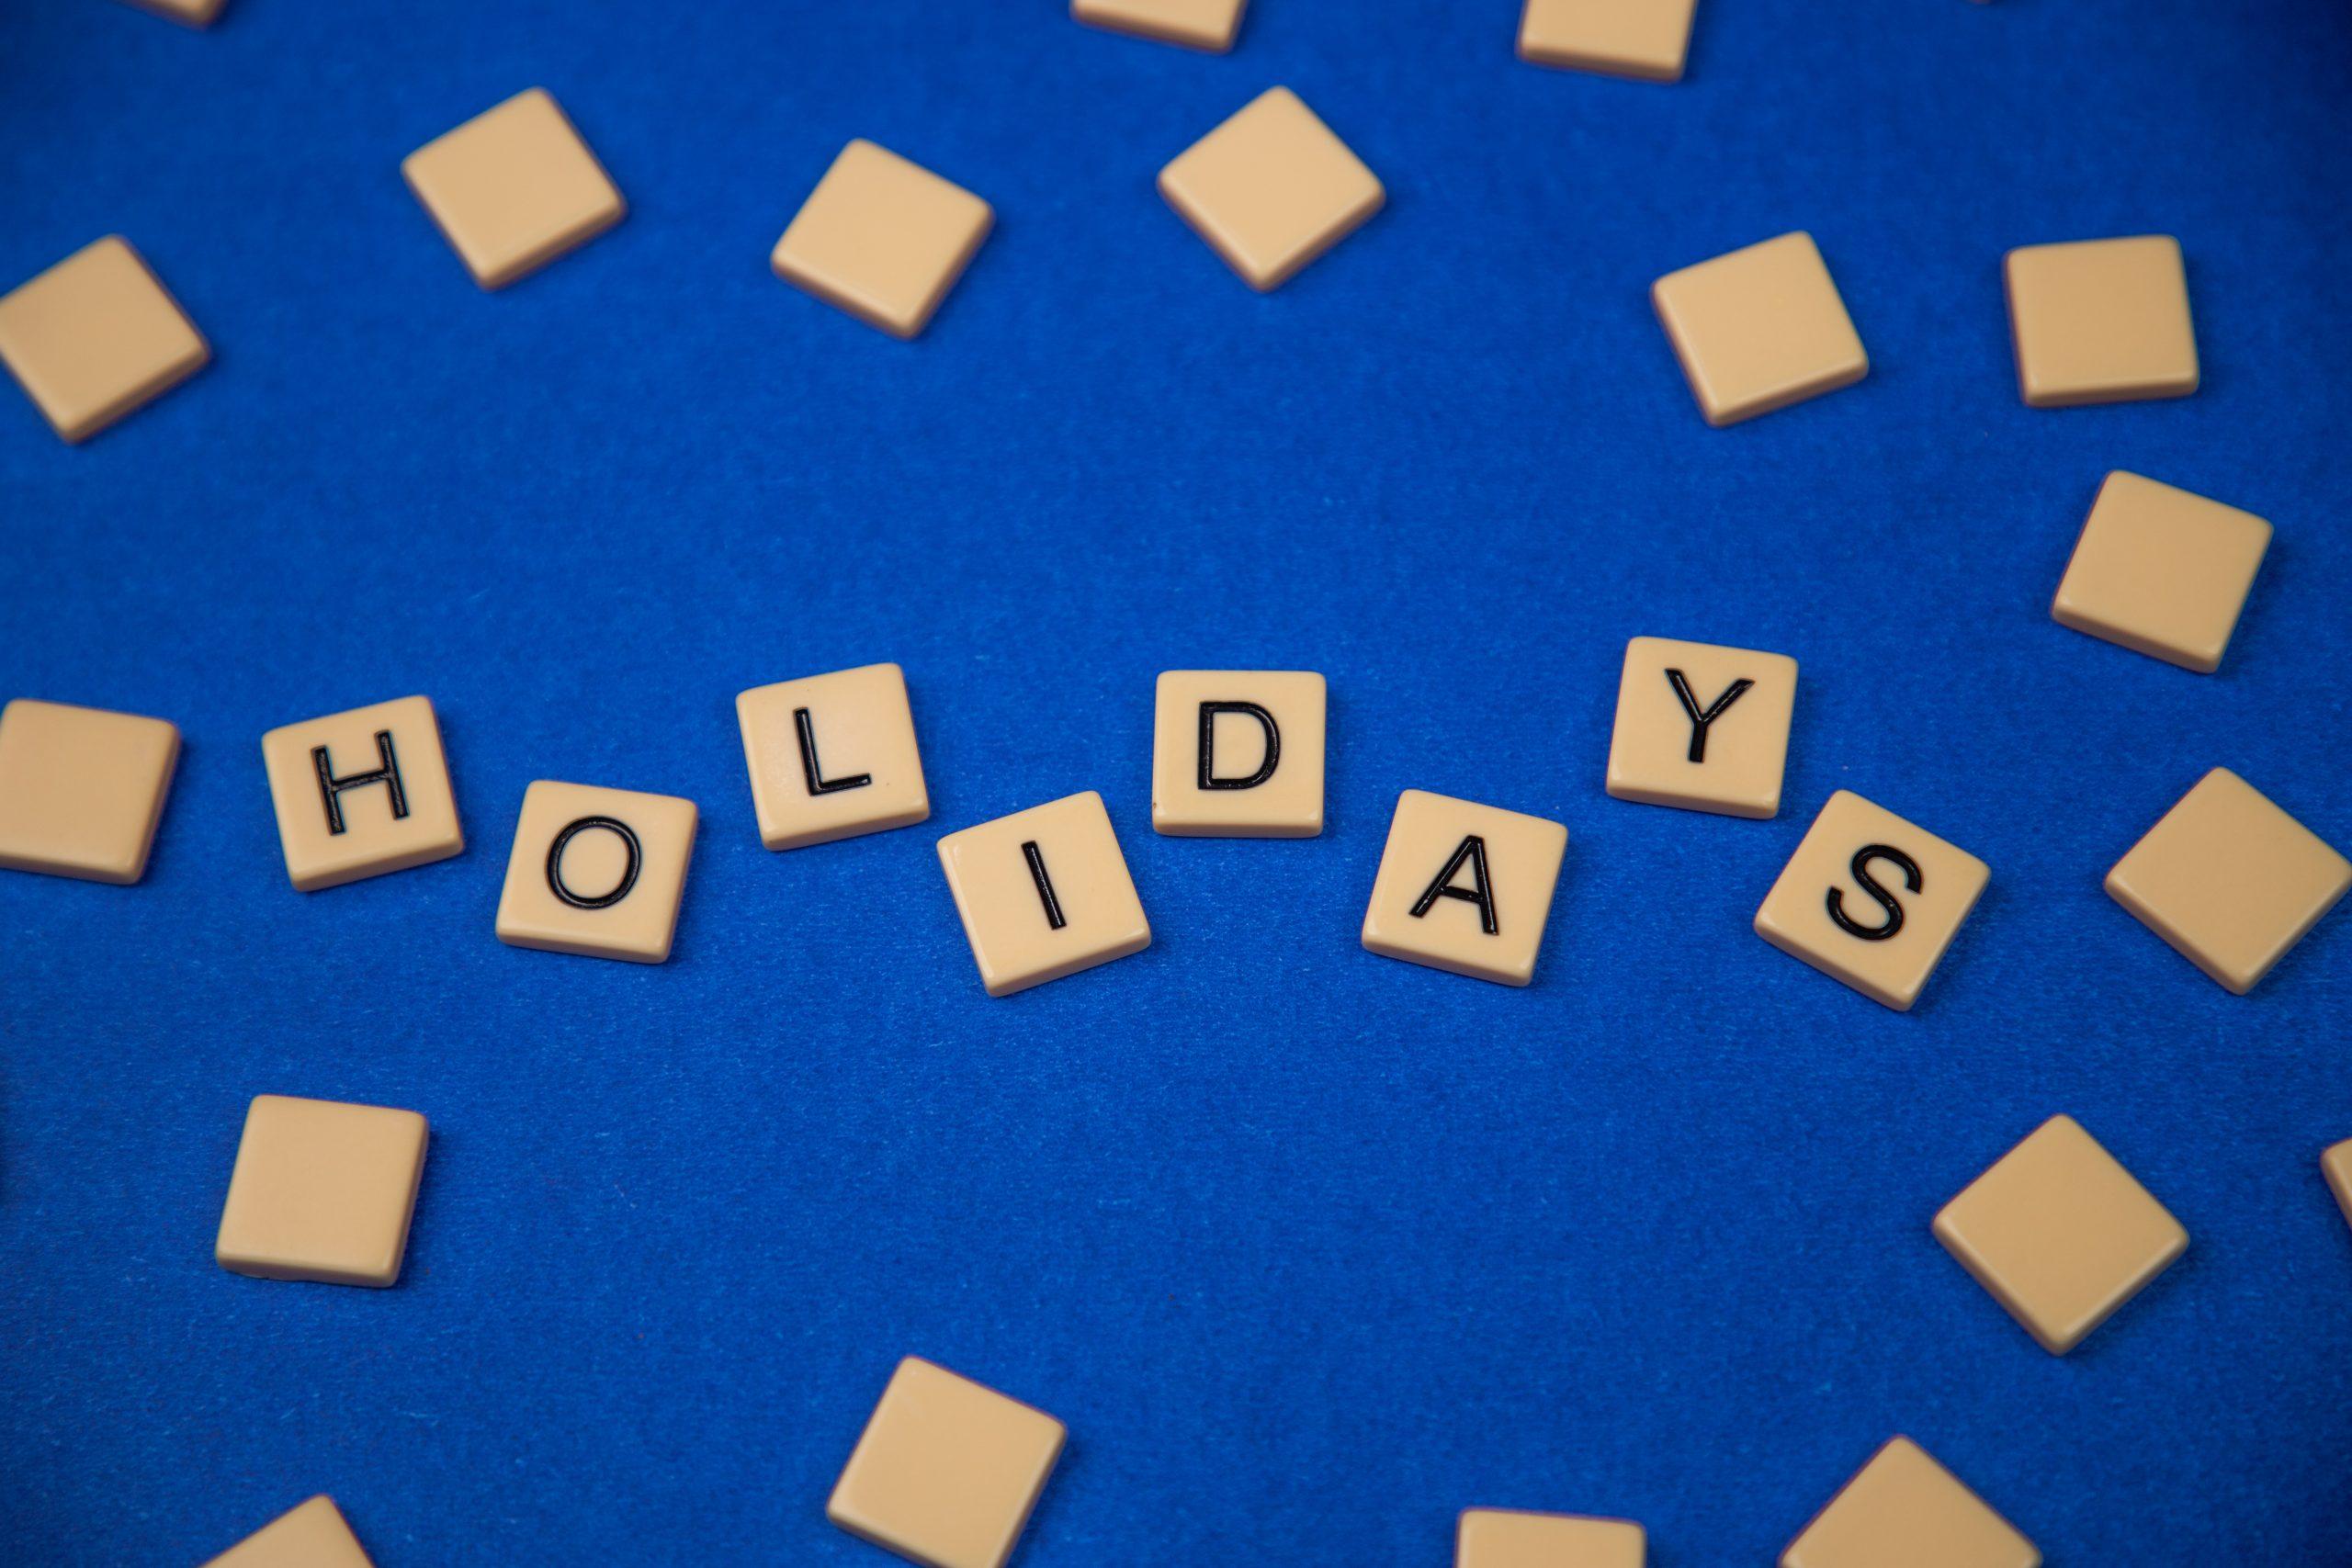 Holidays written on scrabble